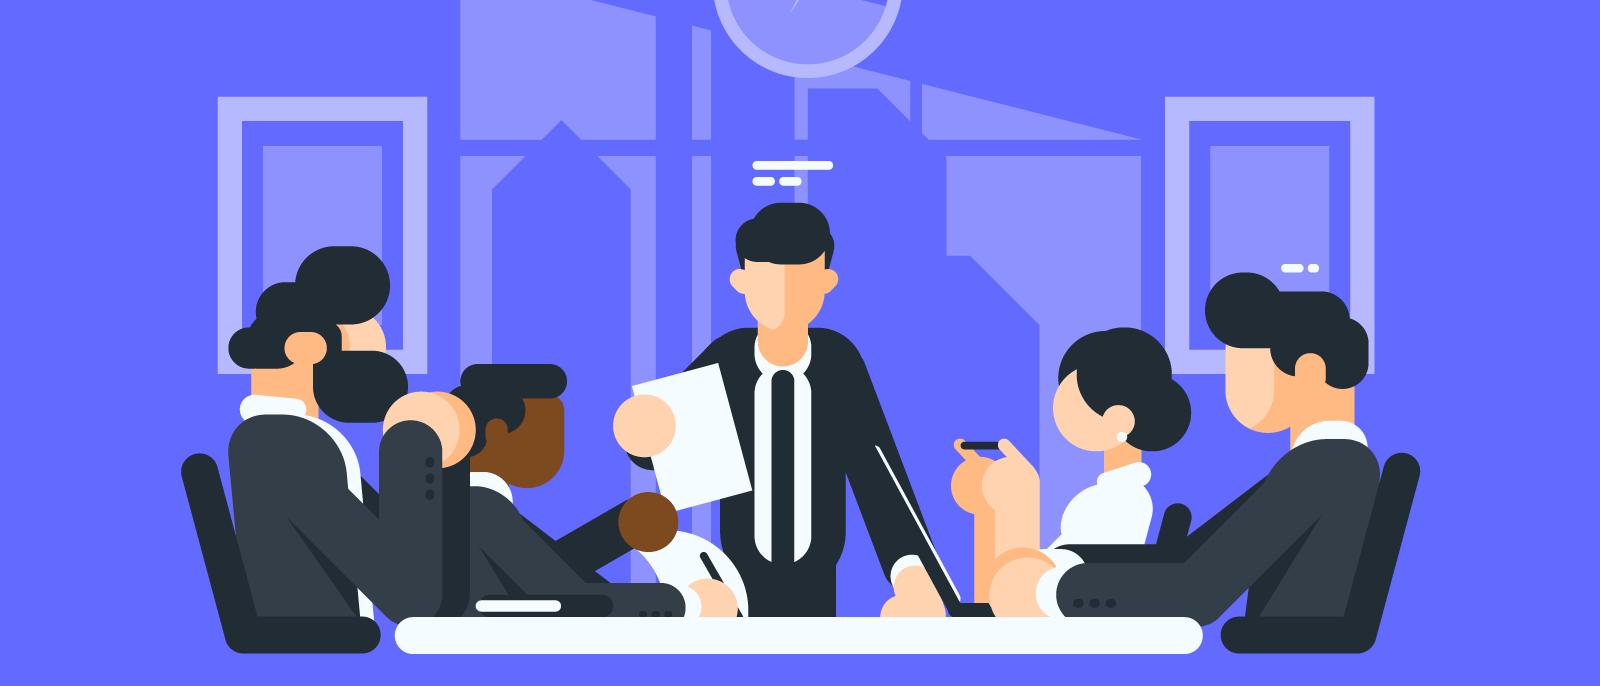 sales-organization-team